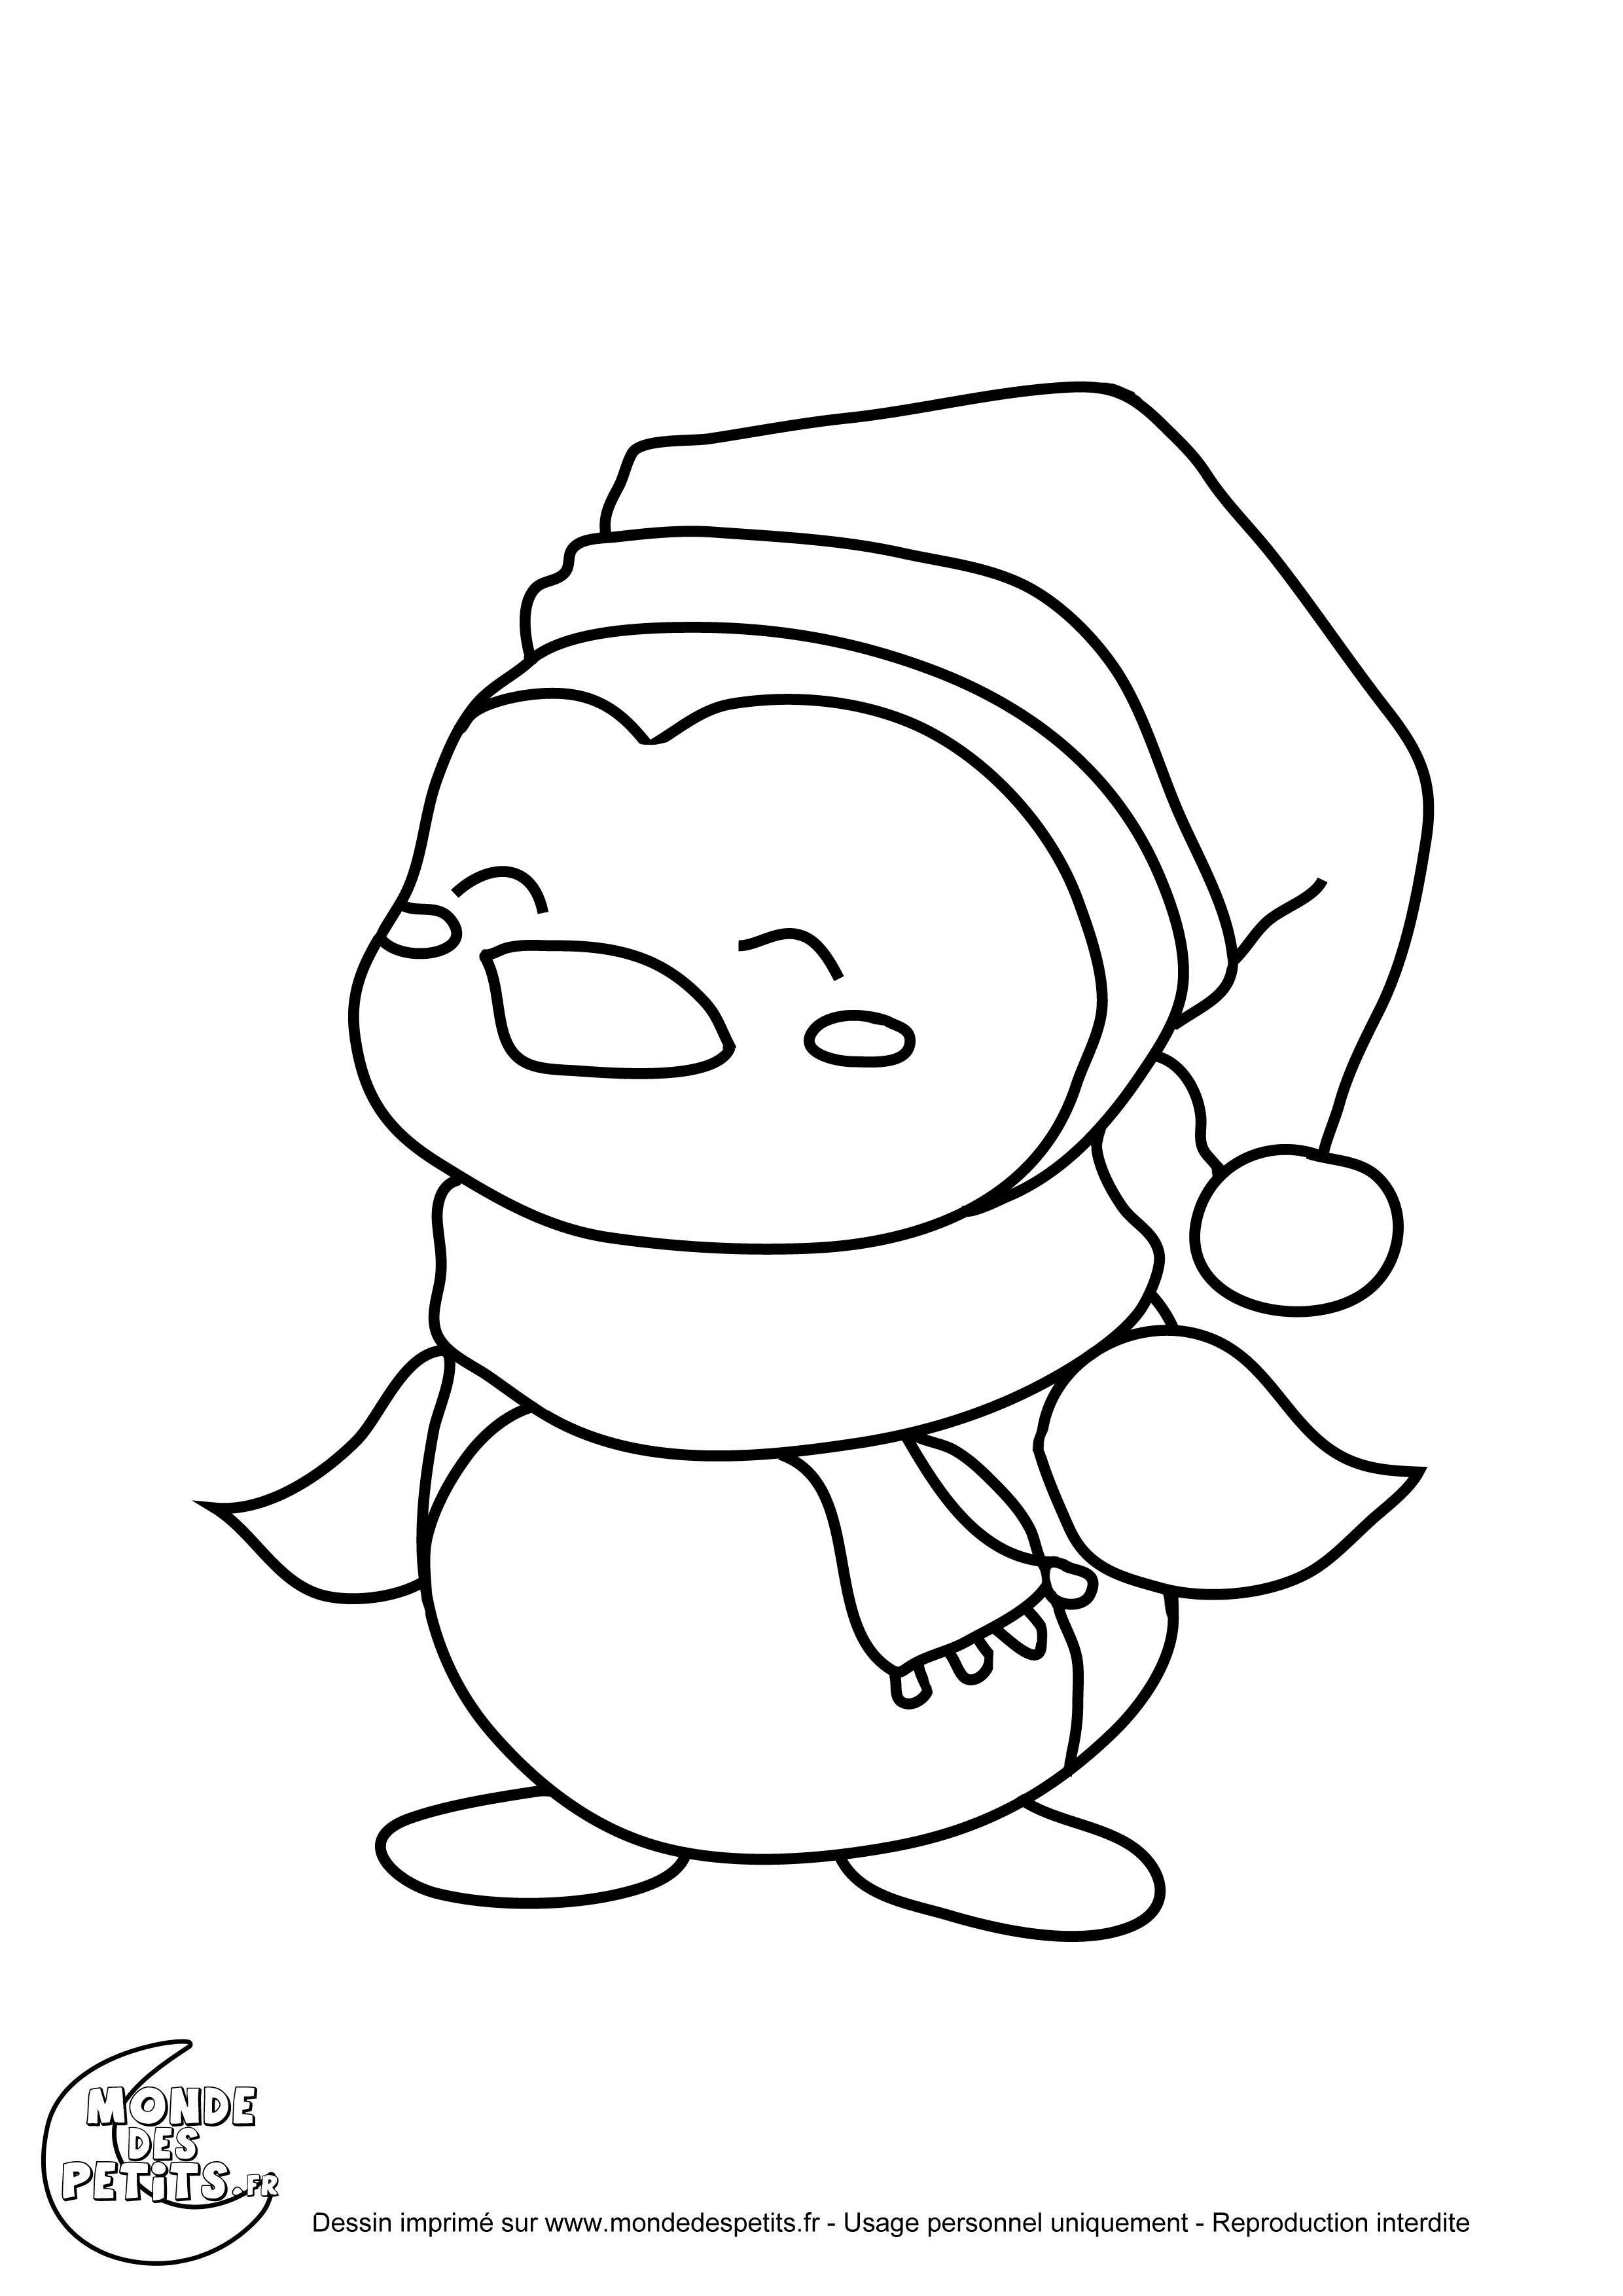 Coloriages à imprimer : Pinguoin, numéro : ce17bffd